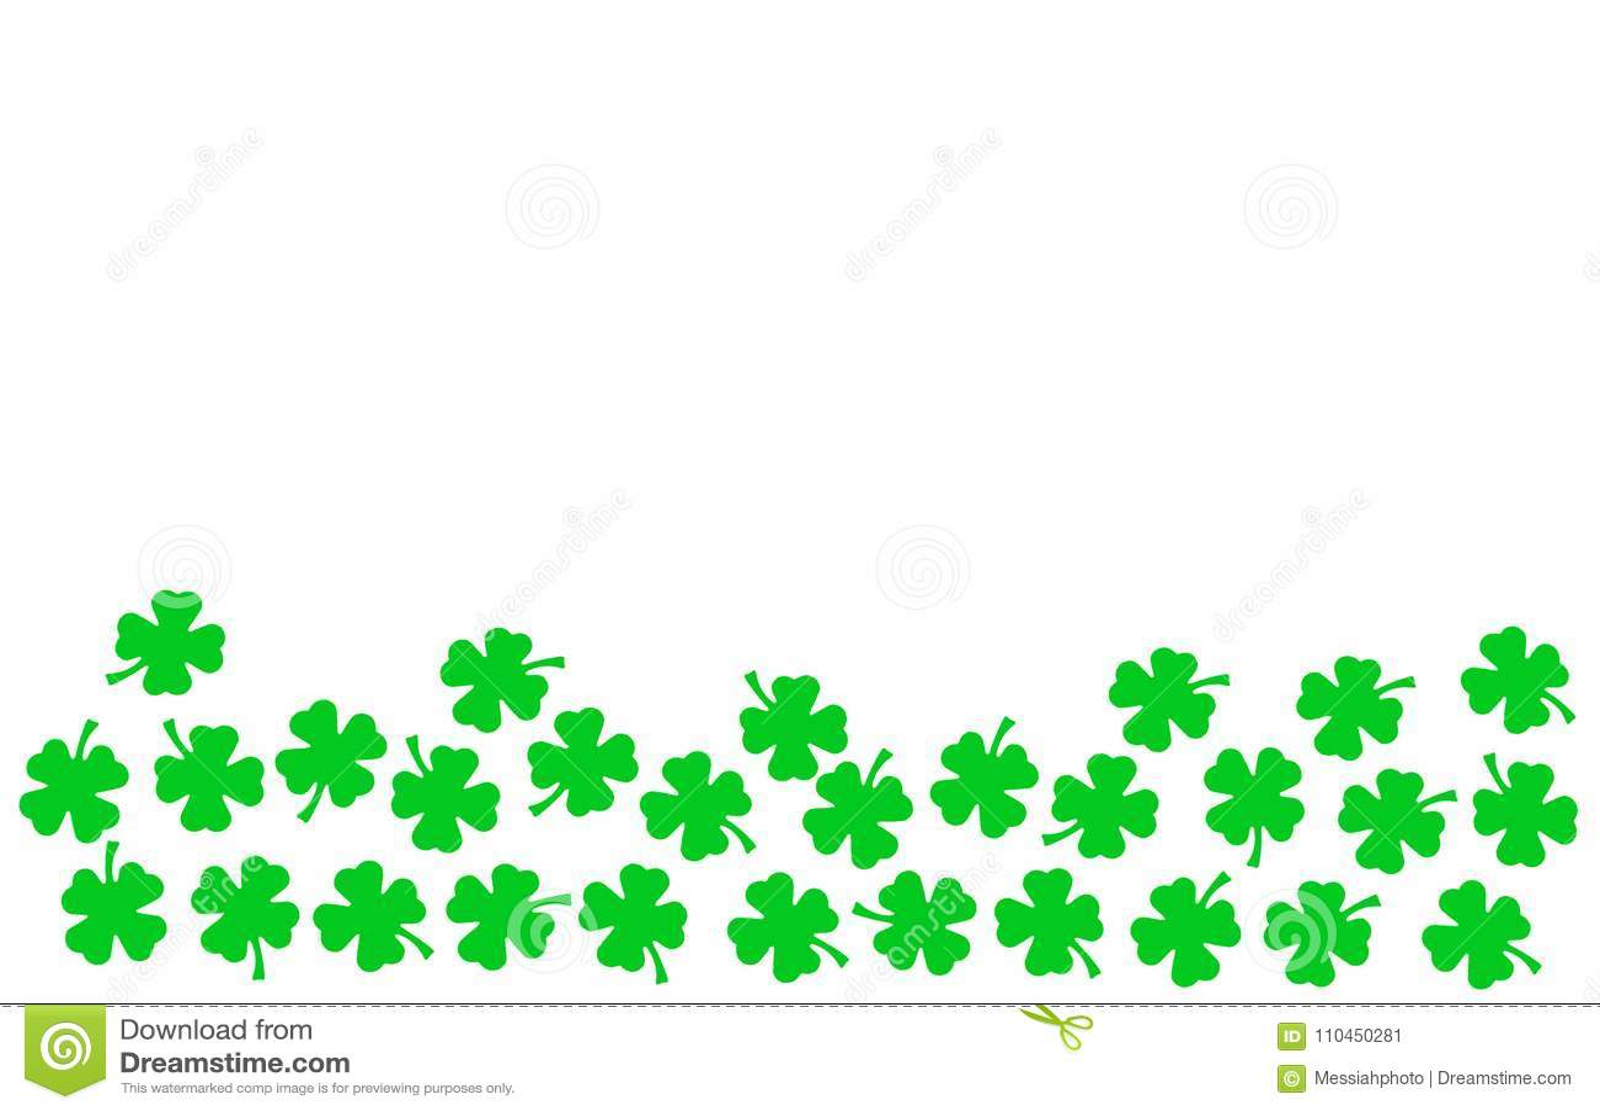 Bakgrund för dag för St Patricks festlig - övregräns av gröna quatrefoils som isoleras på vit